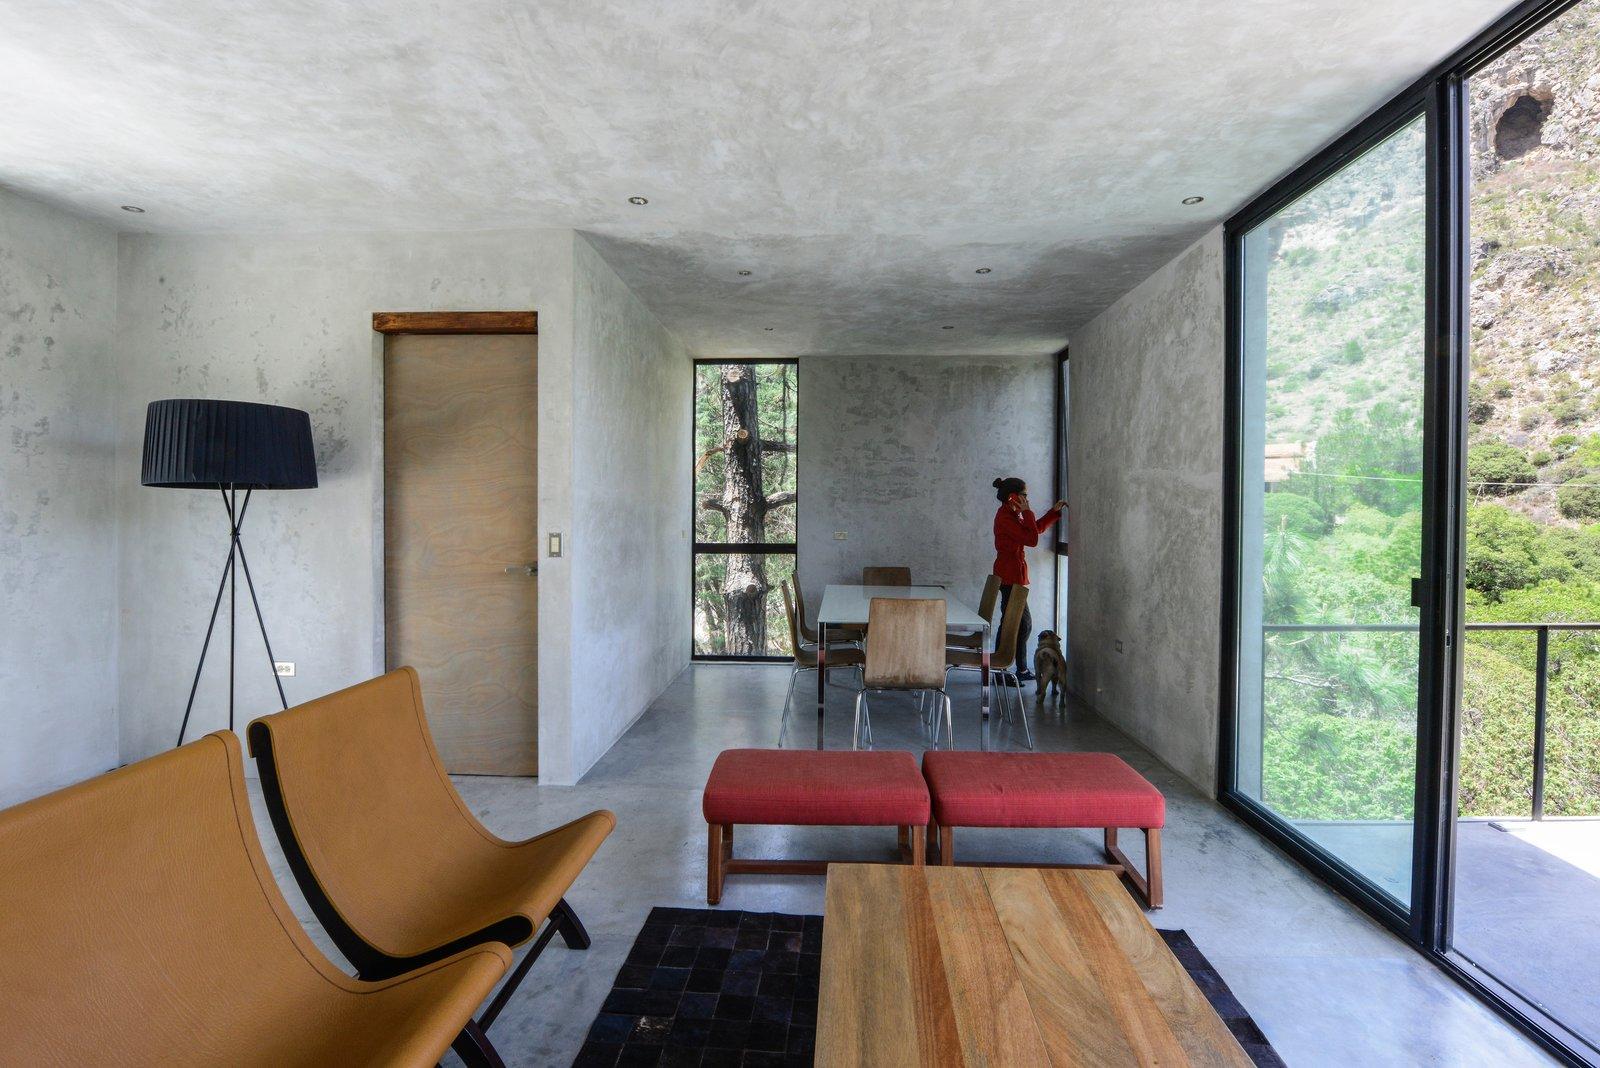 Casa 2I4E - P+0 arquitectura  Casa 2I4E